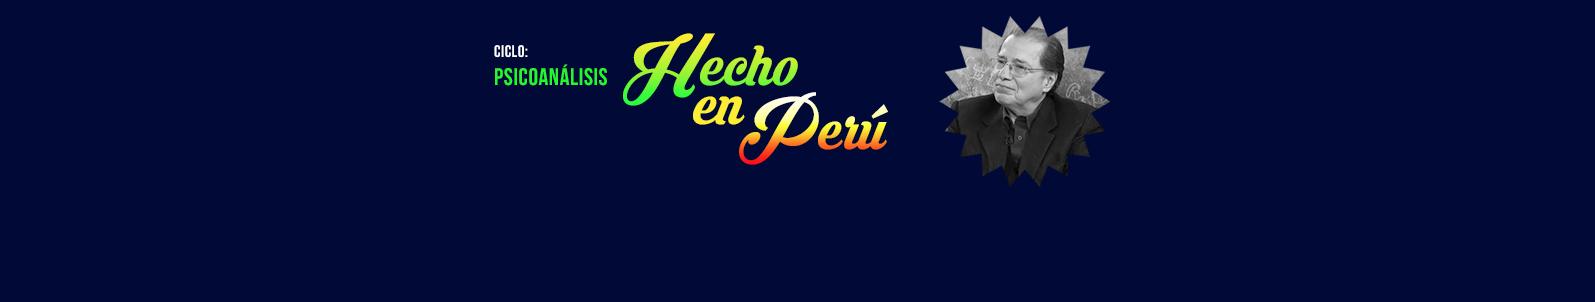 Conferencia Luis Herrera : Hecho en Perú